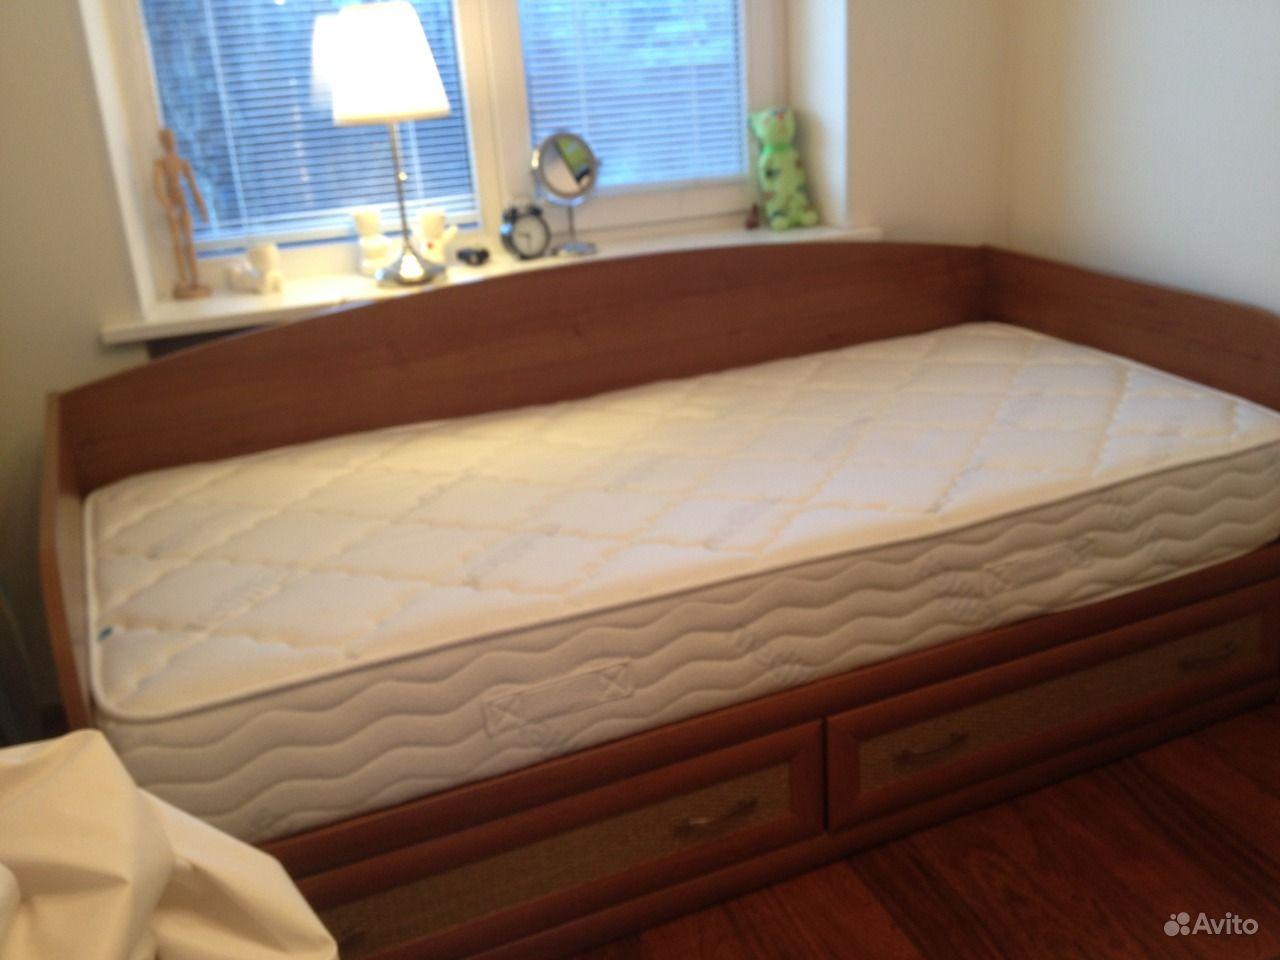 Кровати лазурит фото и цены